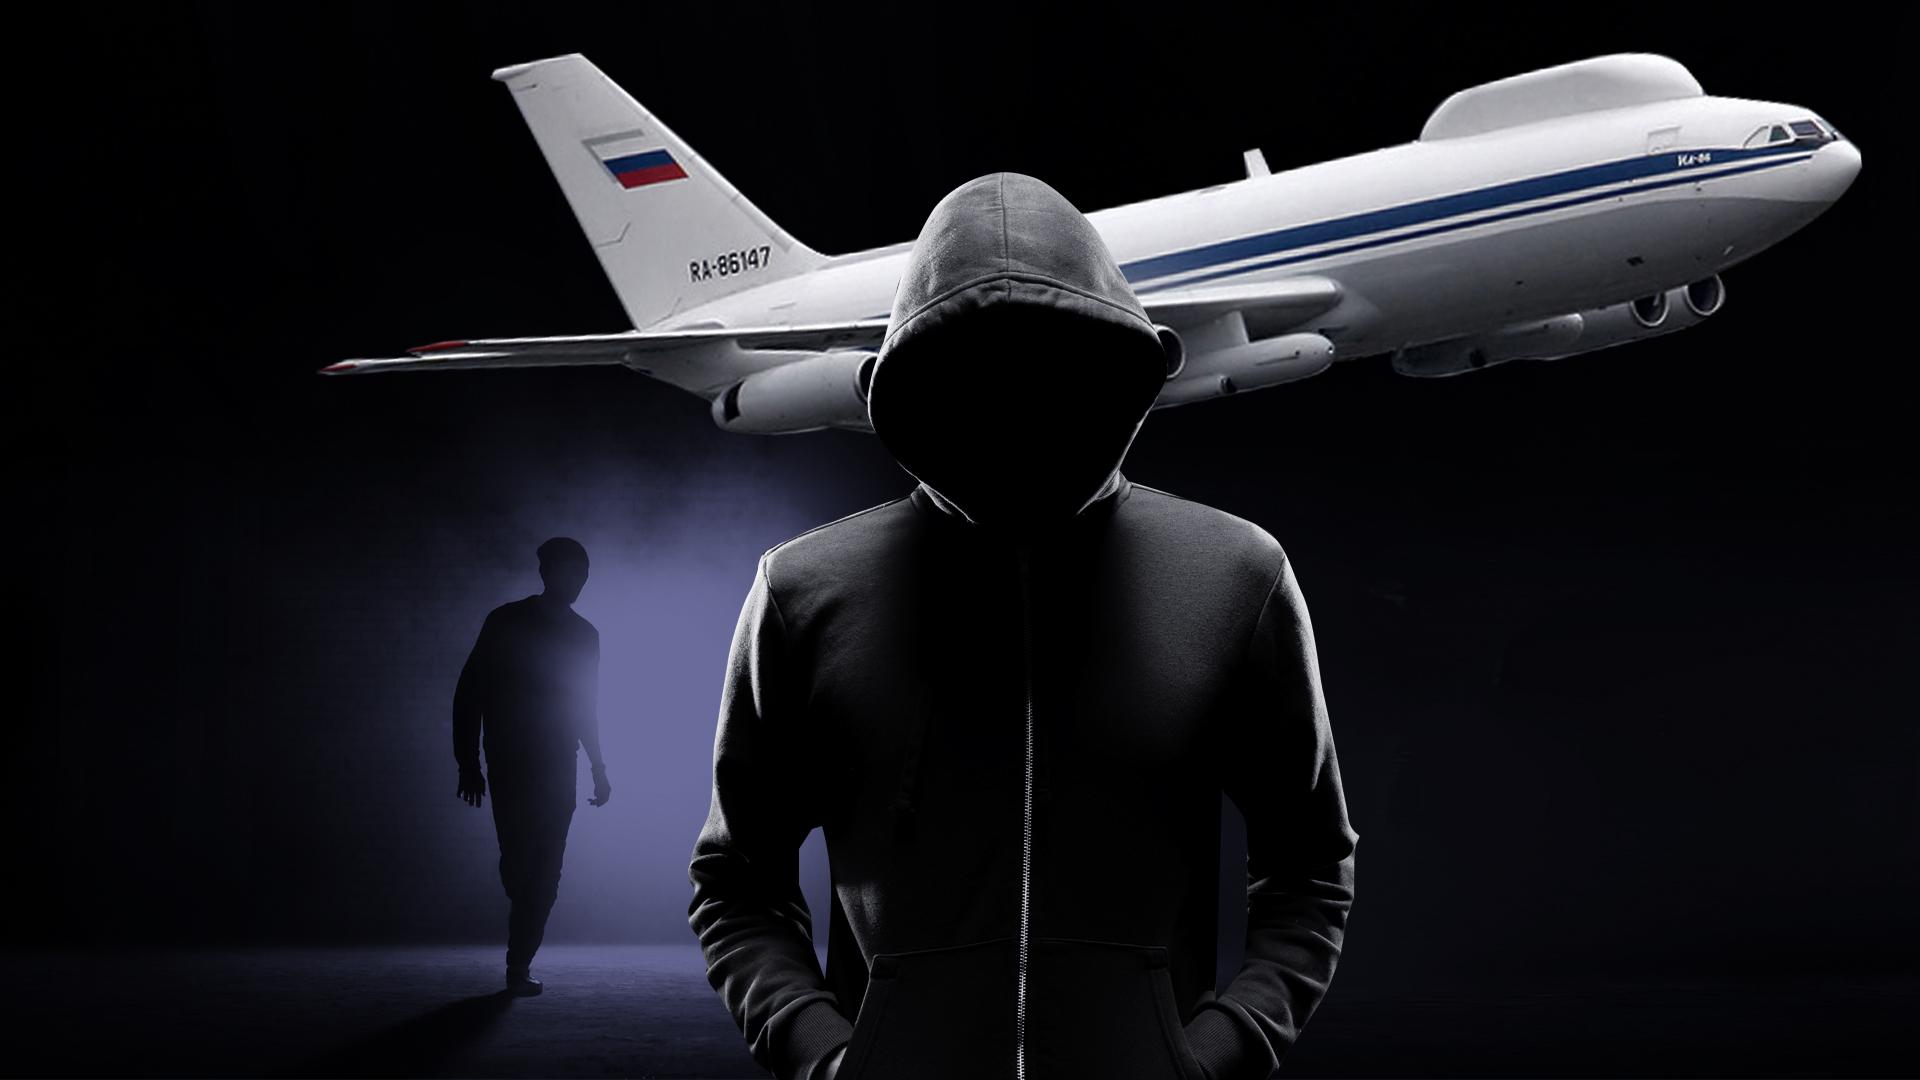 Ограбление века. Кто украл секретное оборудование с самолёта 'судного дня'?